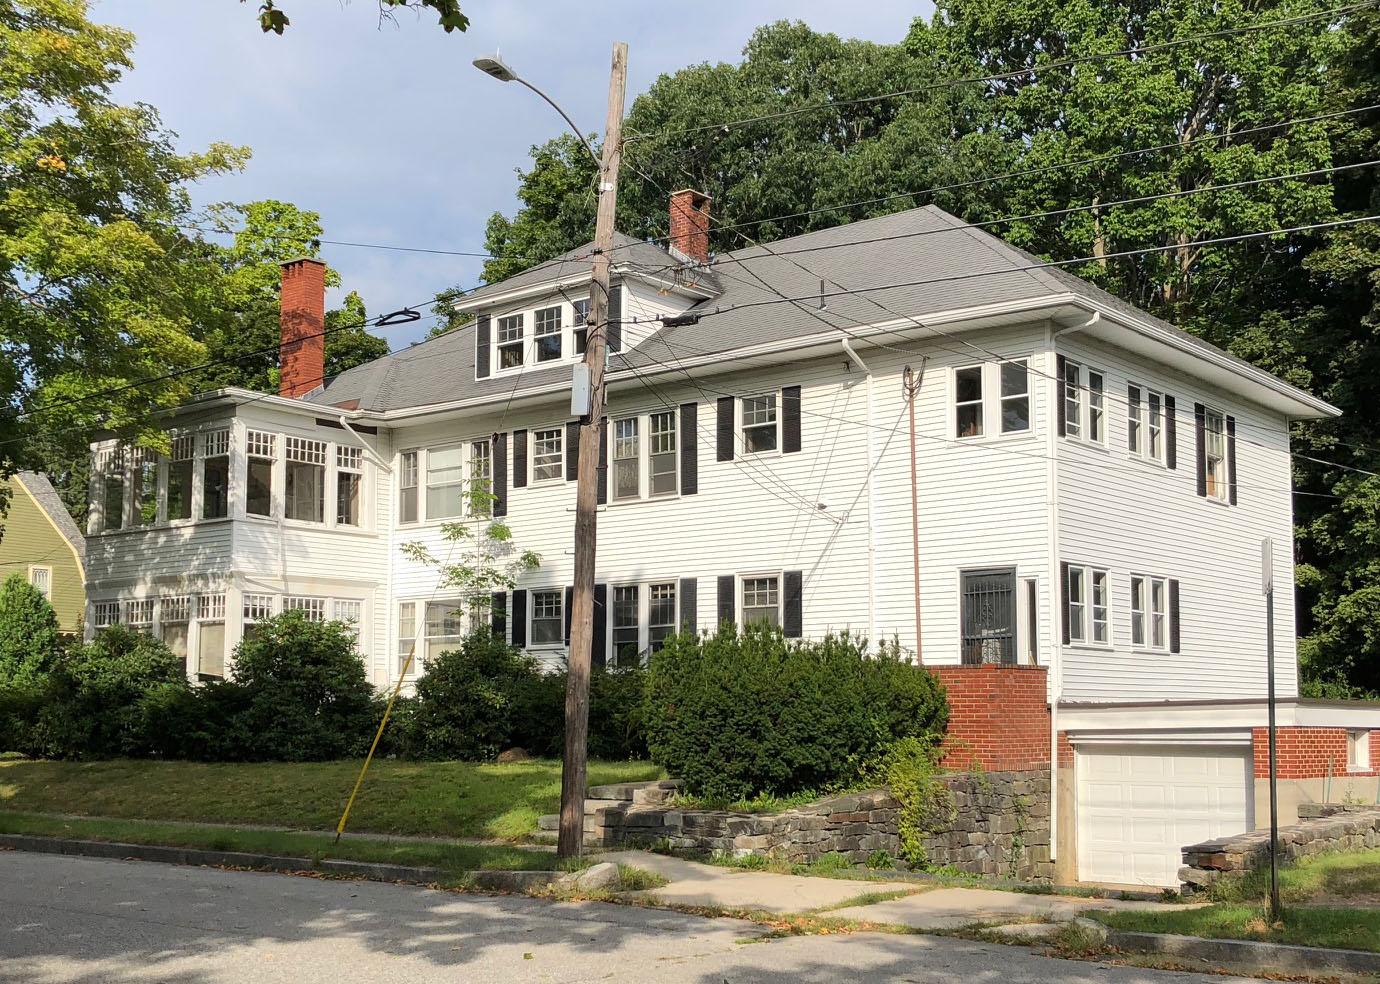 large Portland, Maine frame and siding house